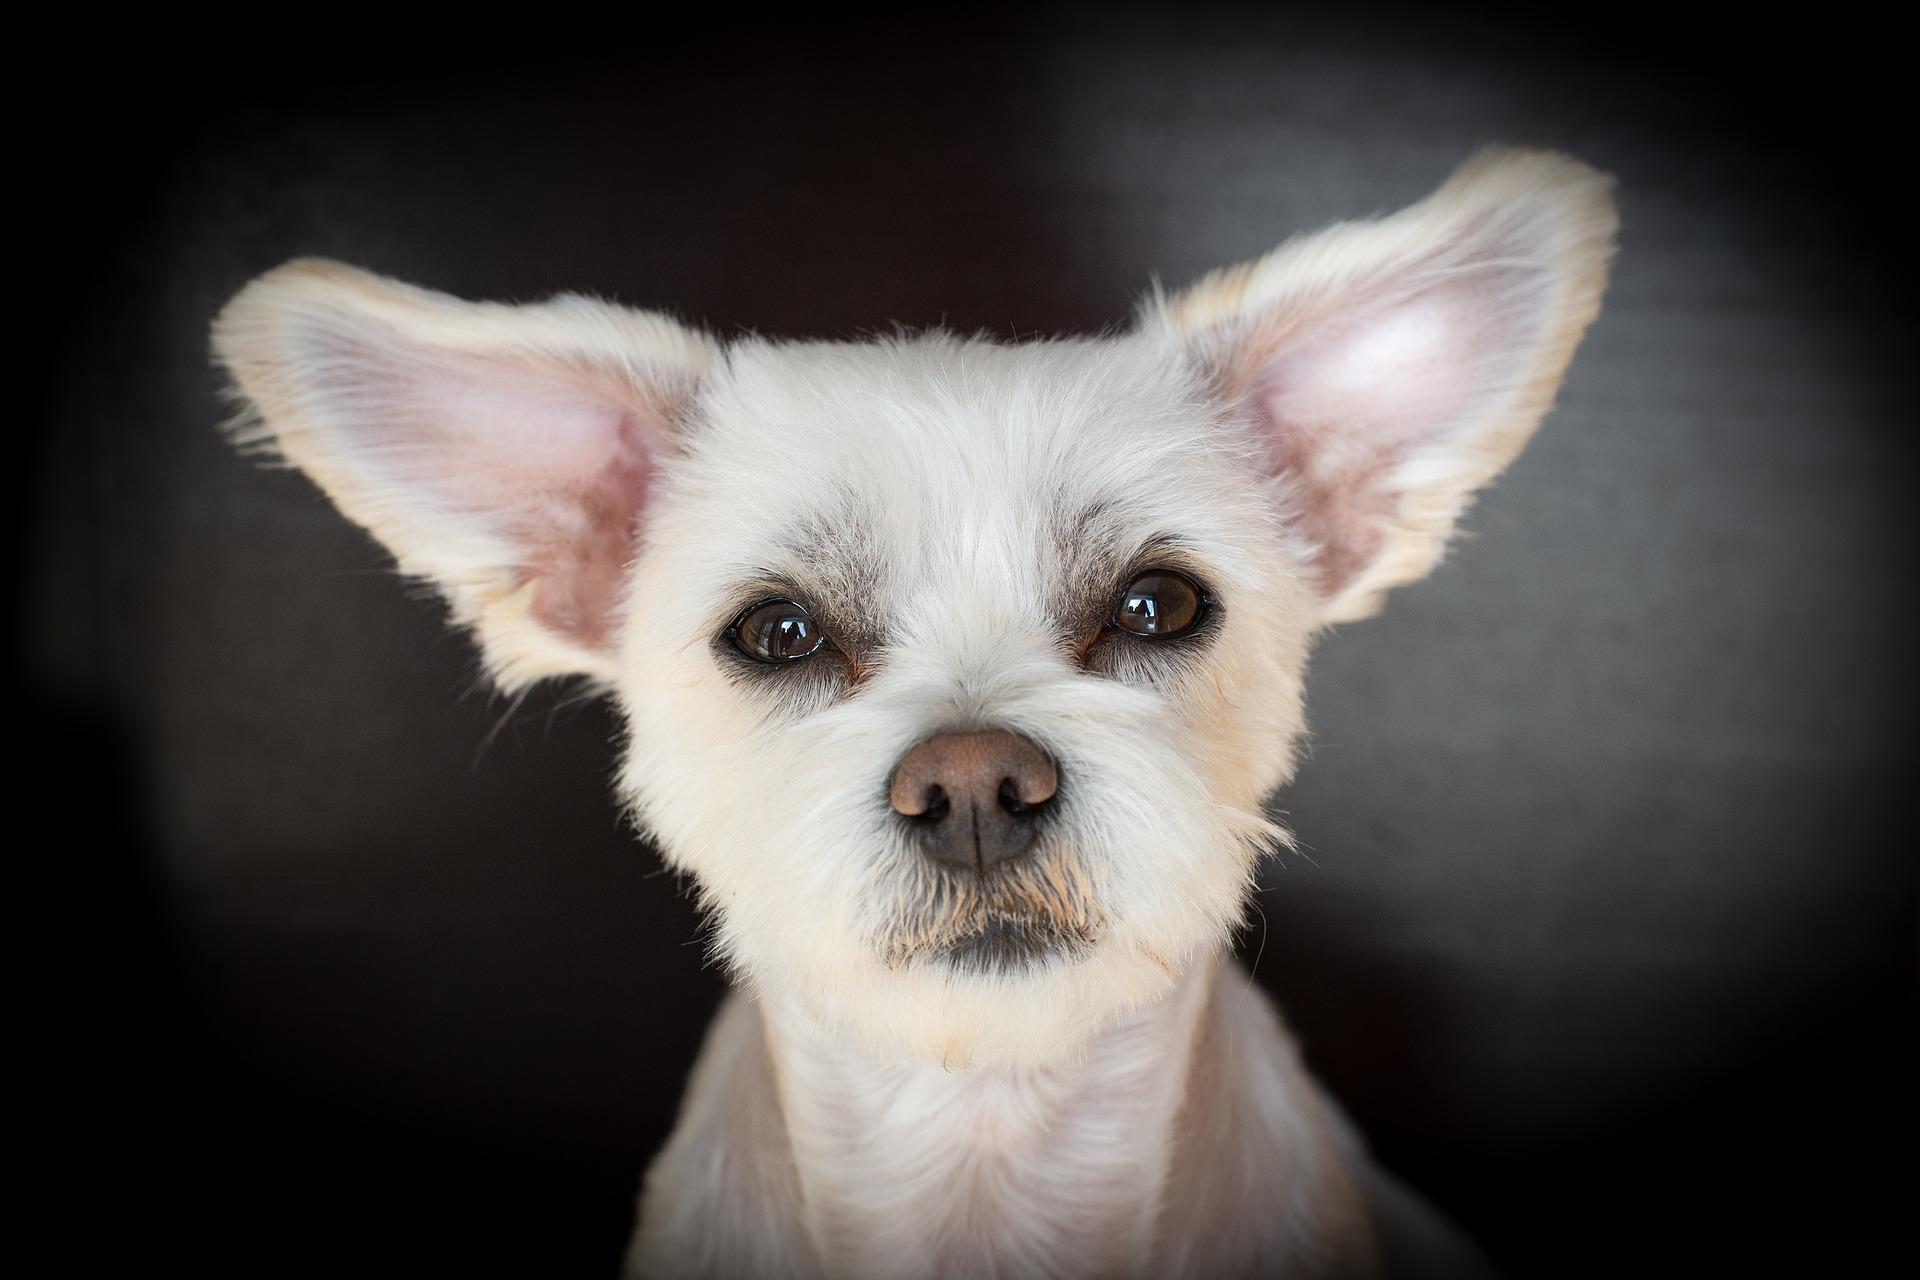 Strzyżenie psów powinno być prowadzone jedynie przez osoby zaznajomione z tematem i posiadające odpowiednie umiejętności. Złe strzyżenie czy golenie może łatwo zranić psa i pozostawić już na długo uraz. Estetyka zabiegu wykonanego w domu też nigdy nie będzie zbliżona do tej z salonu groomerskiego.